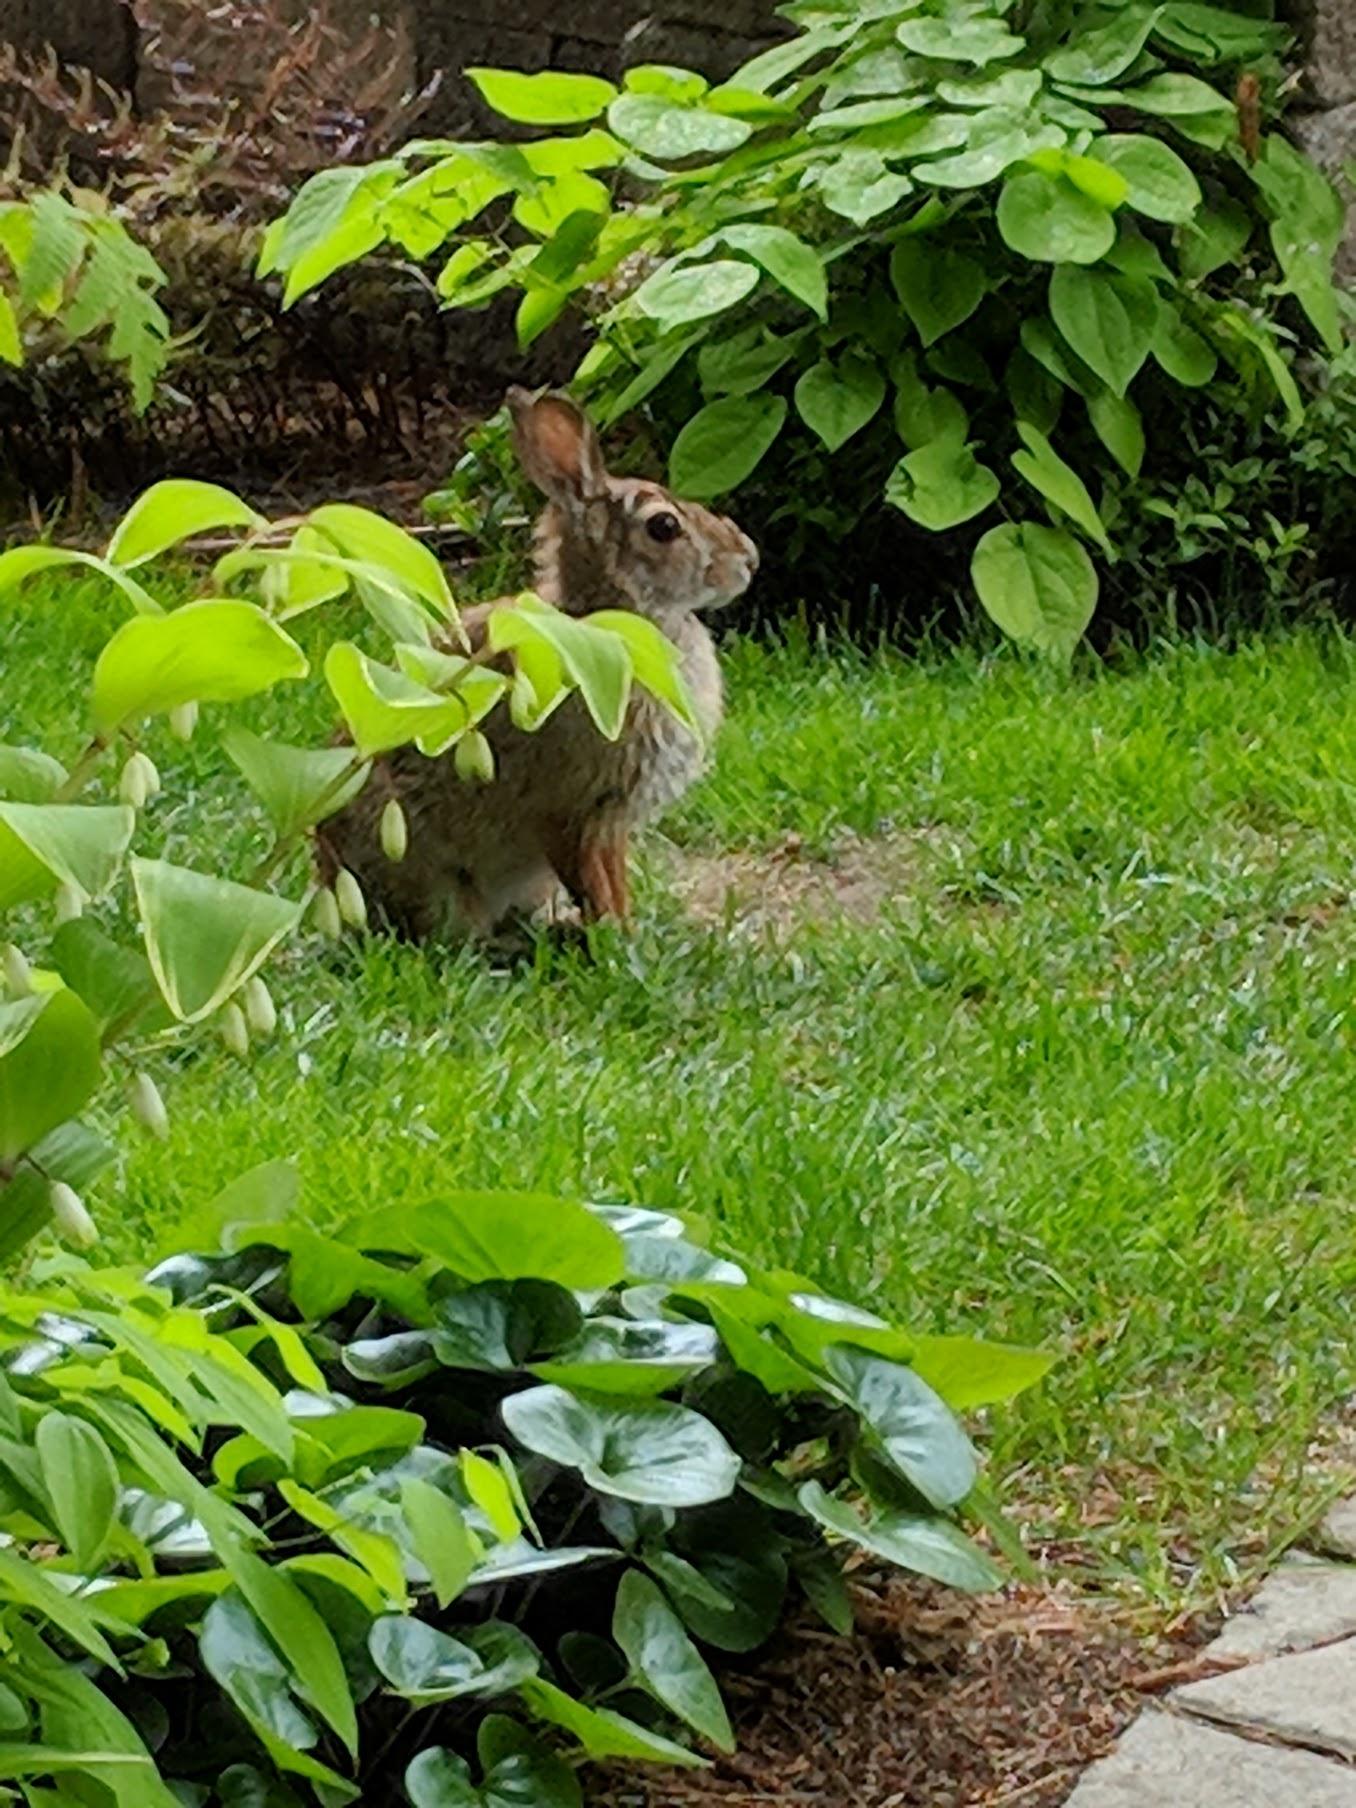 2018-05-19-bunny.jpg